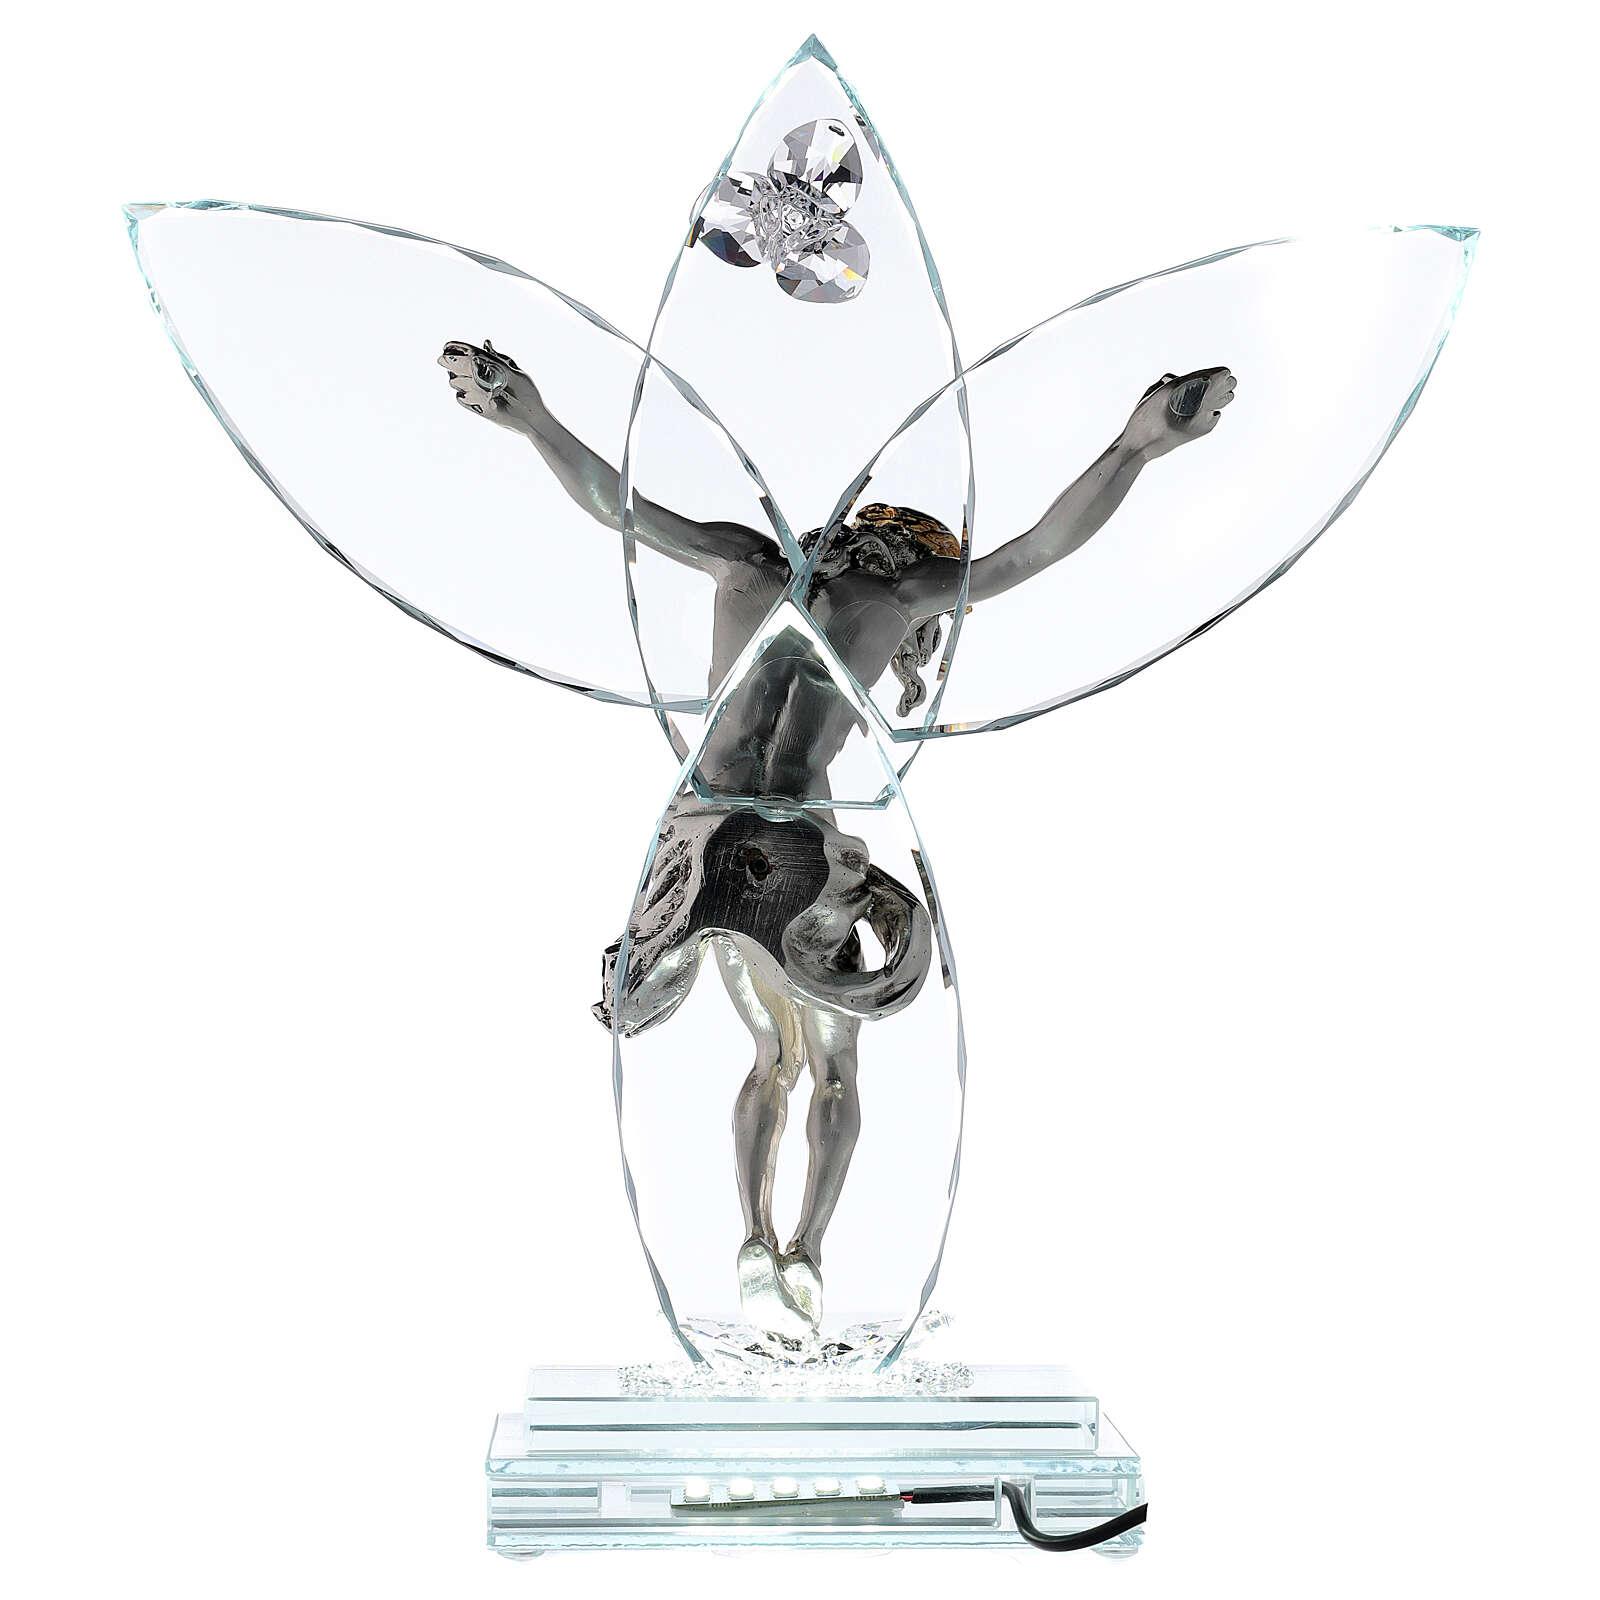 Crocefisso vetro e corpo metallo con lampada 4